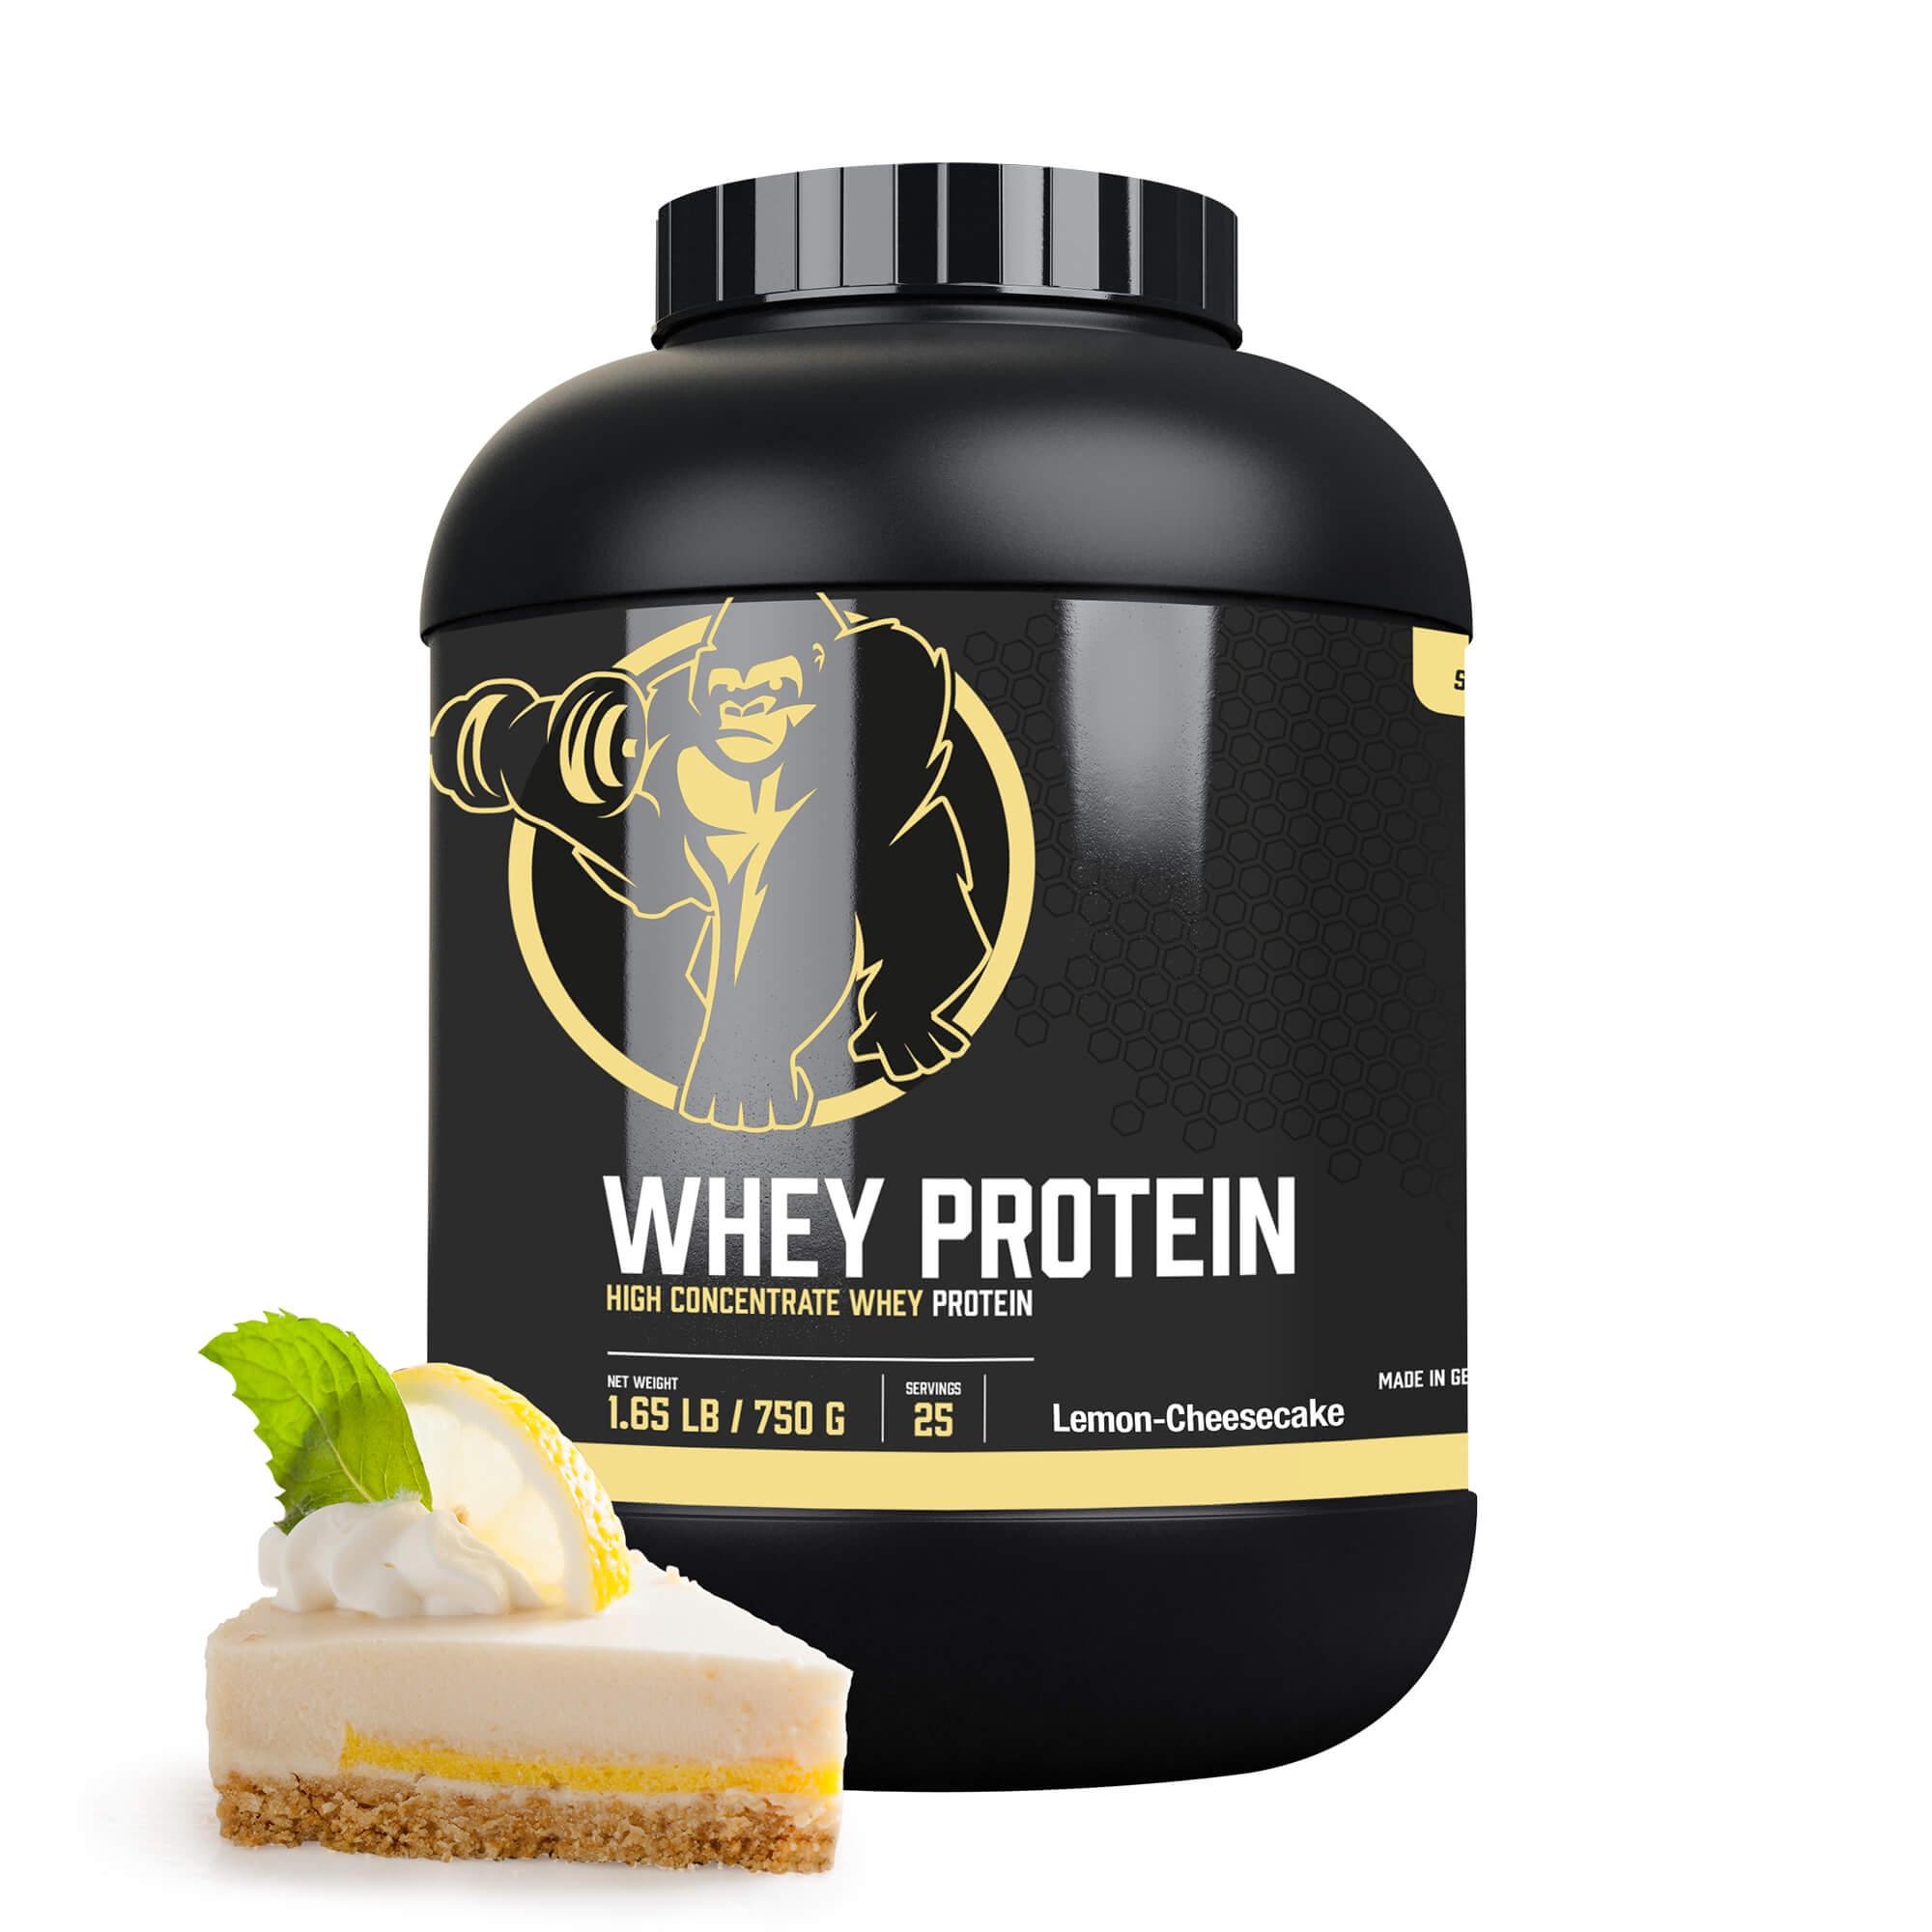 Whey Protein Konzentrat Zitrone-Cheesecake 750g